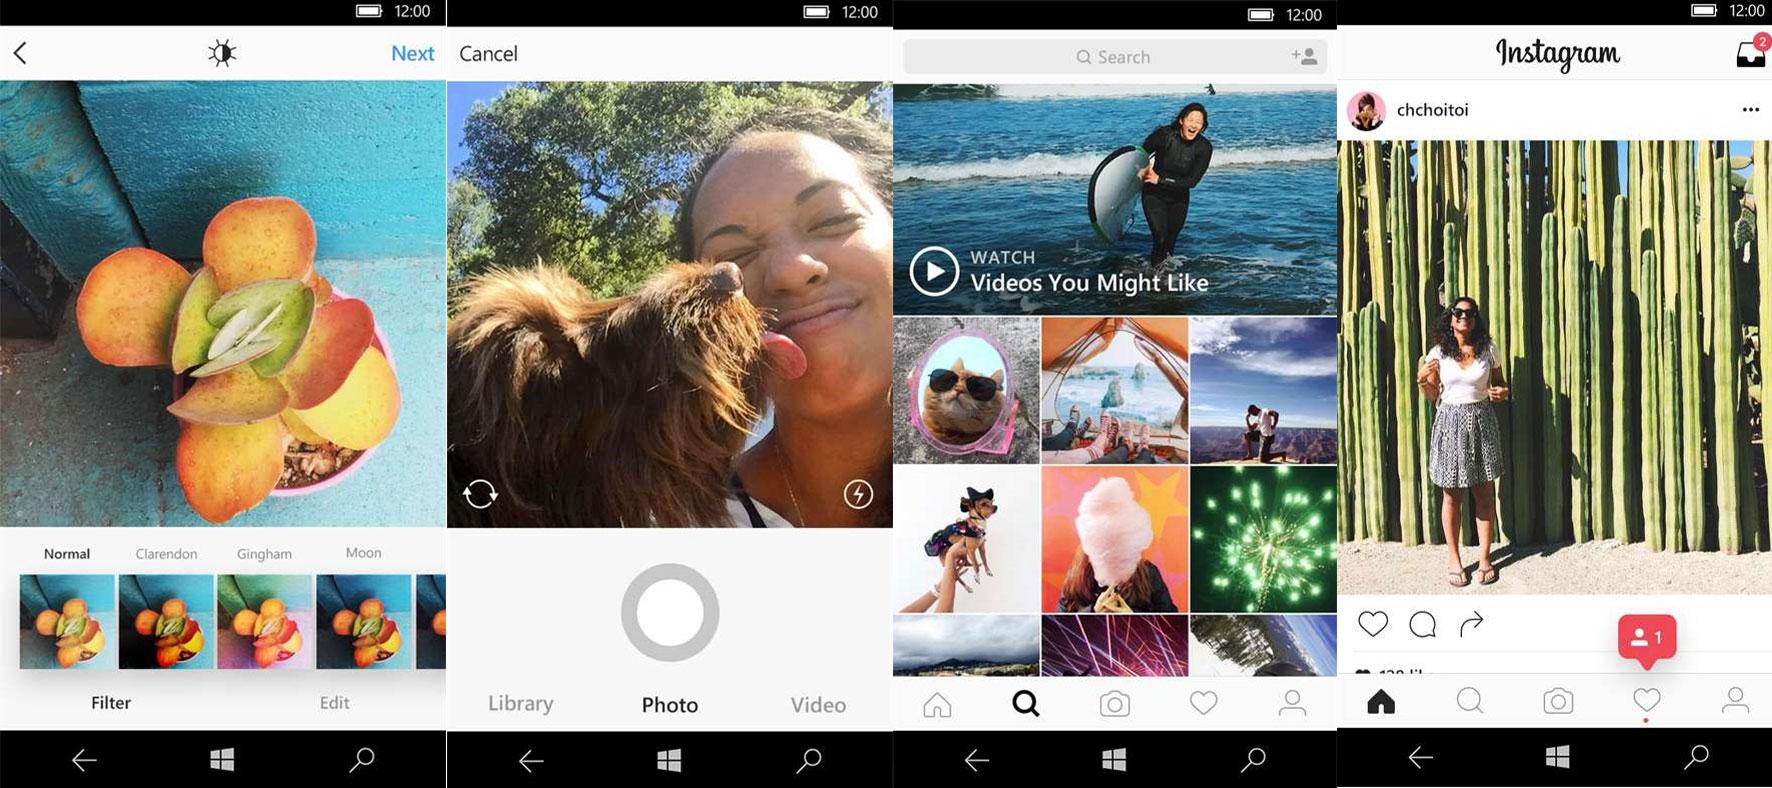 برنامه اینستاگرام ویندوز ۱۰ با قابلیت آپلود عکس از طرق وب کم اپدیت شد+ دانلود